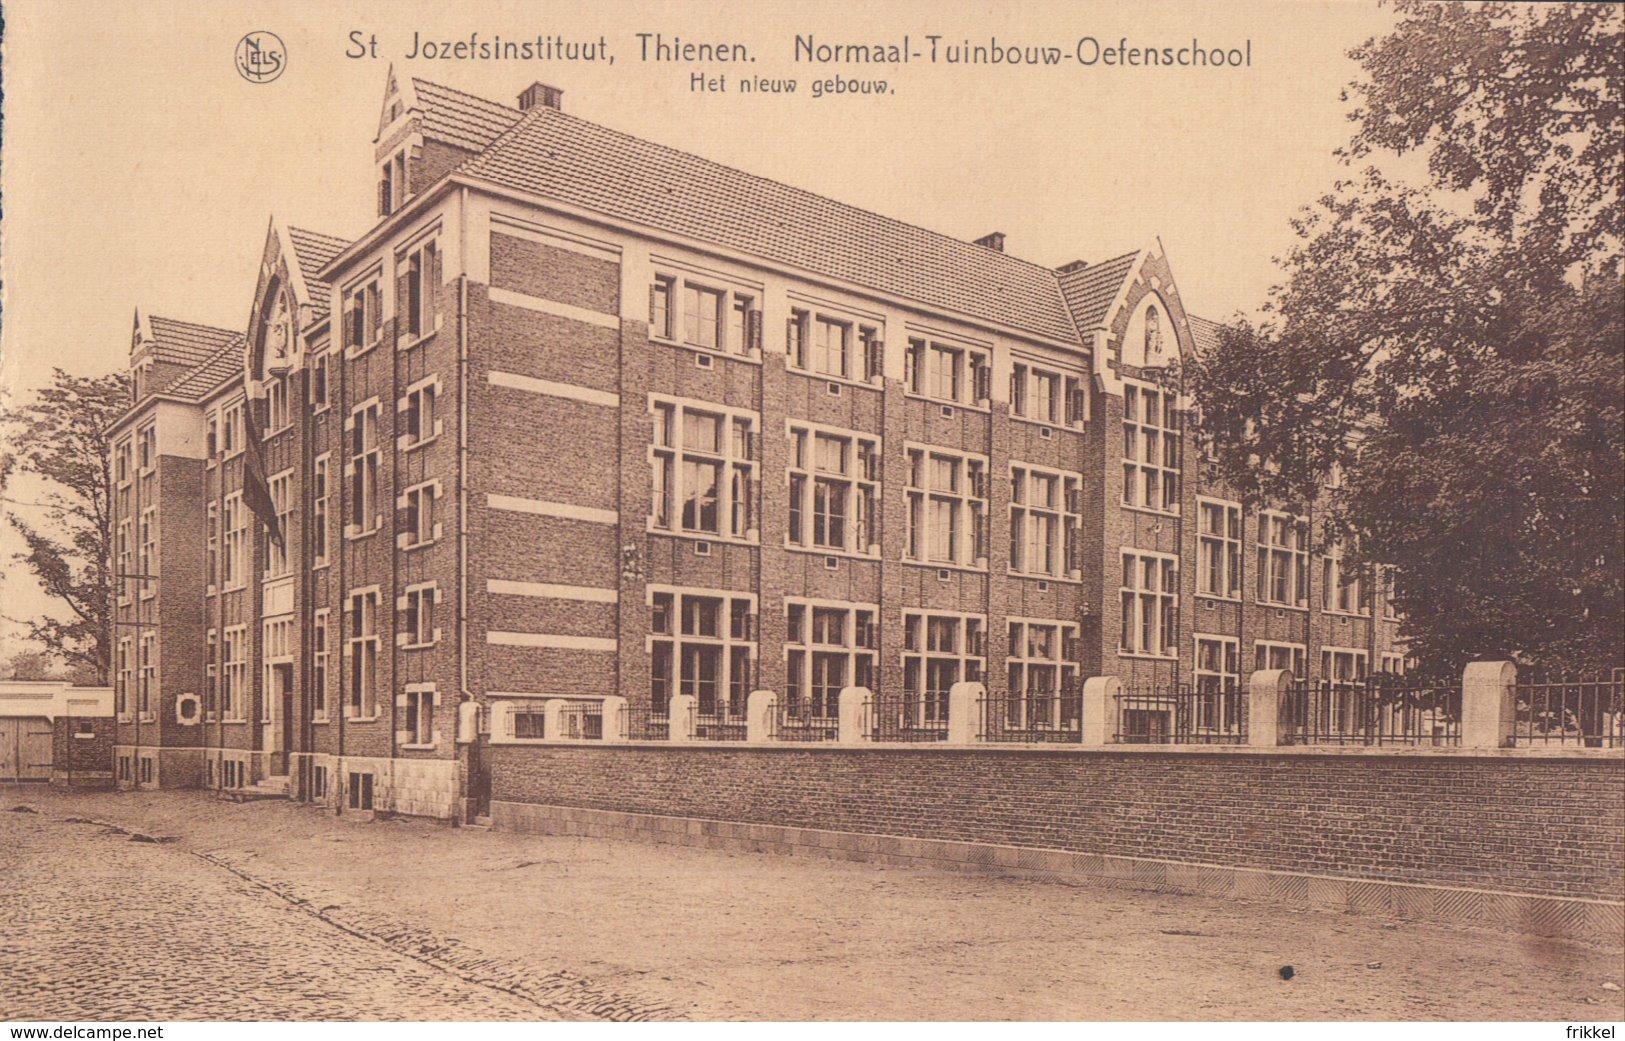 Tienen St. Jozefsinstituut Thienen Normaal-Tuinbouw-Oefenschool Het Nieuw Gebouw - Tienen